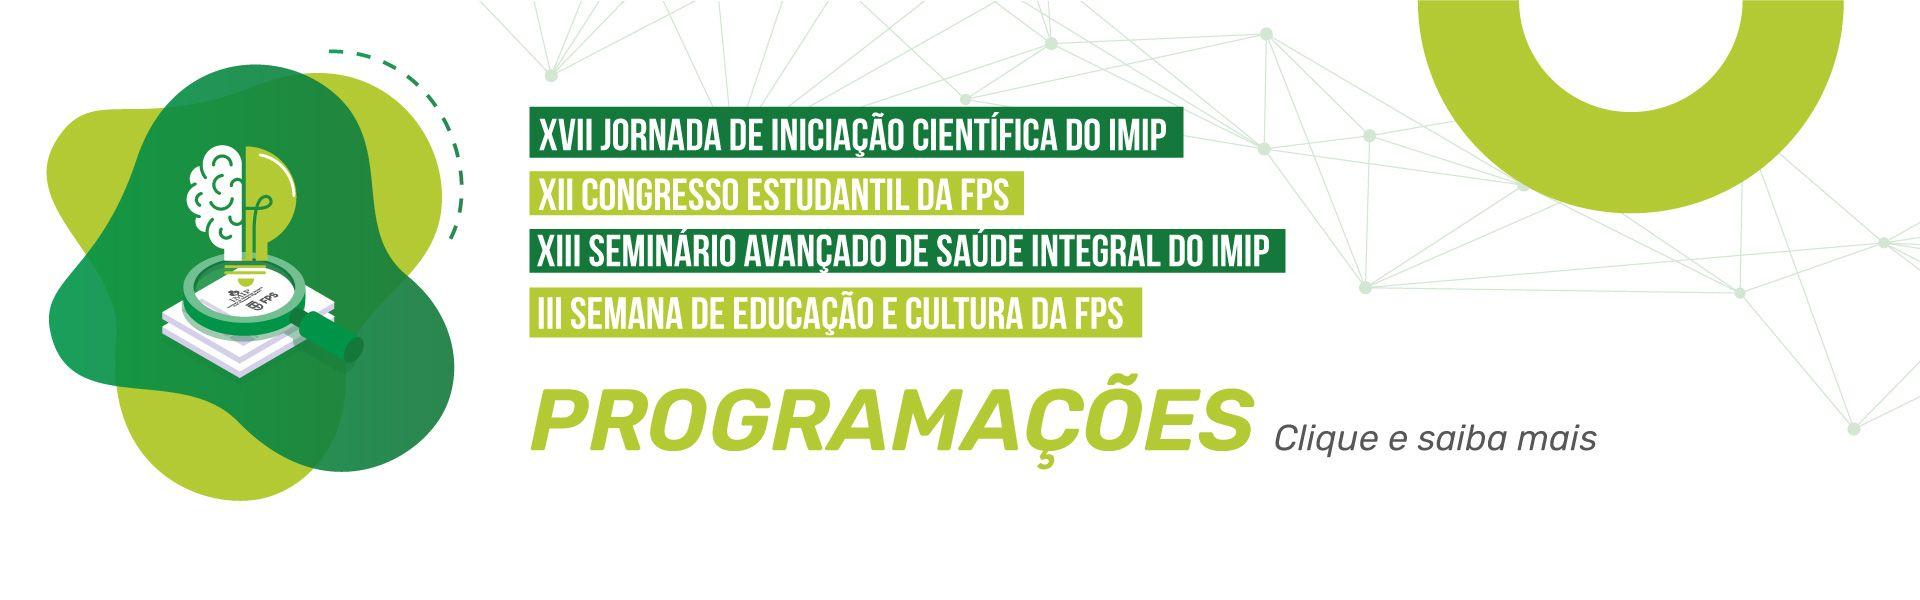 Programação - Congresso Estudantil 2021